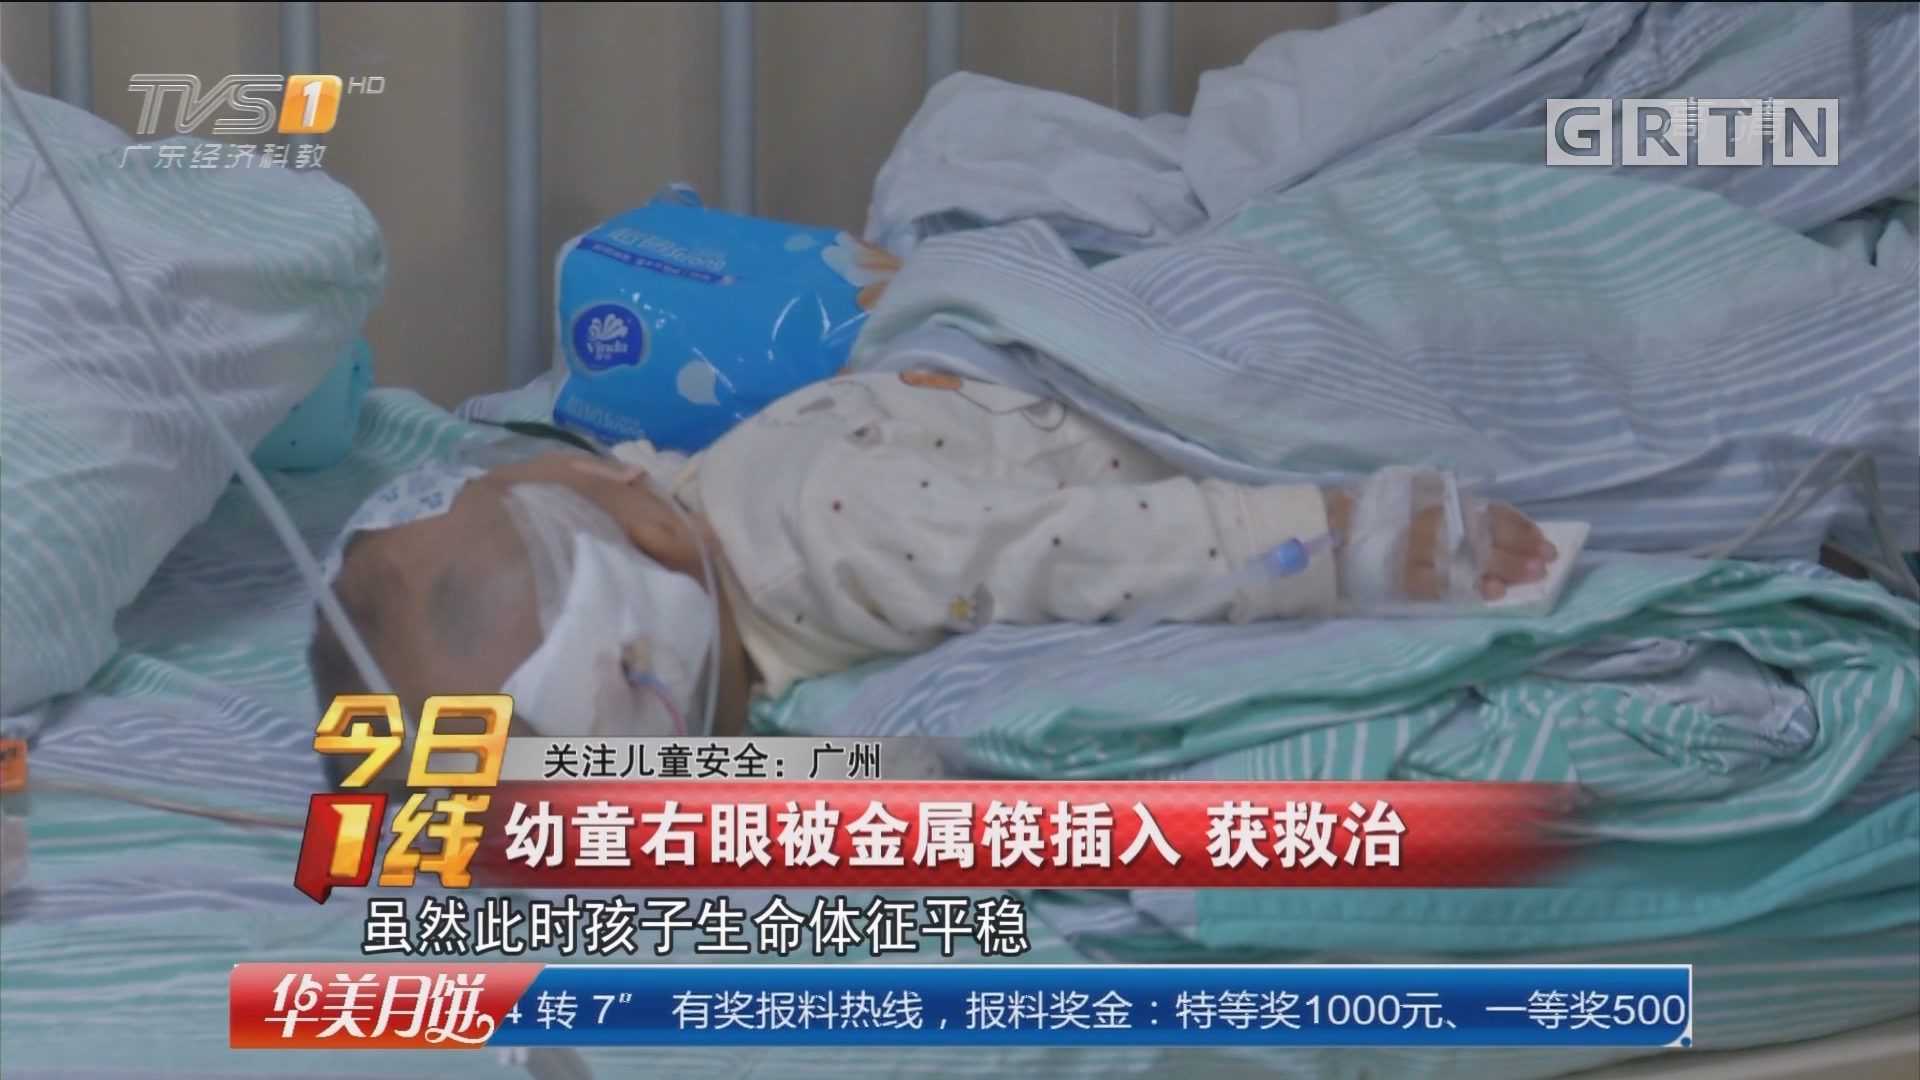 关注儿童安全:广州 幼童右眼被金属筷插入 获救治